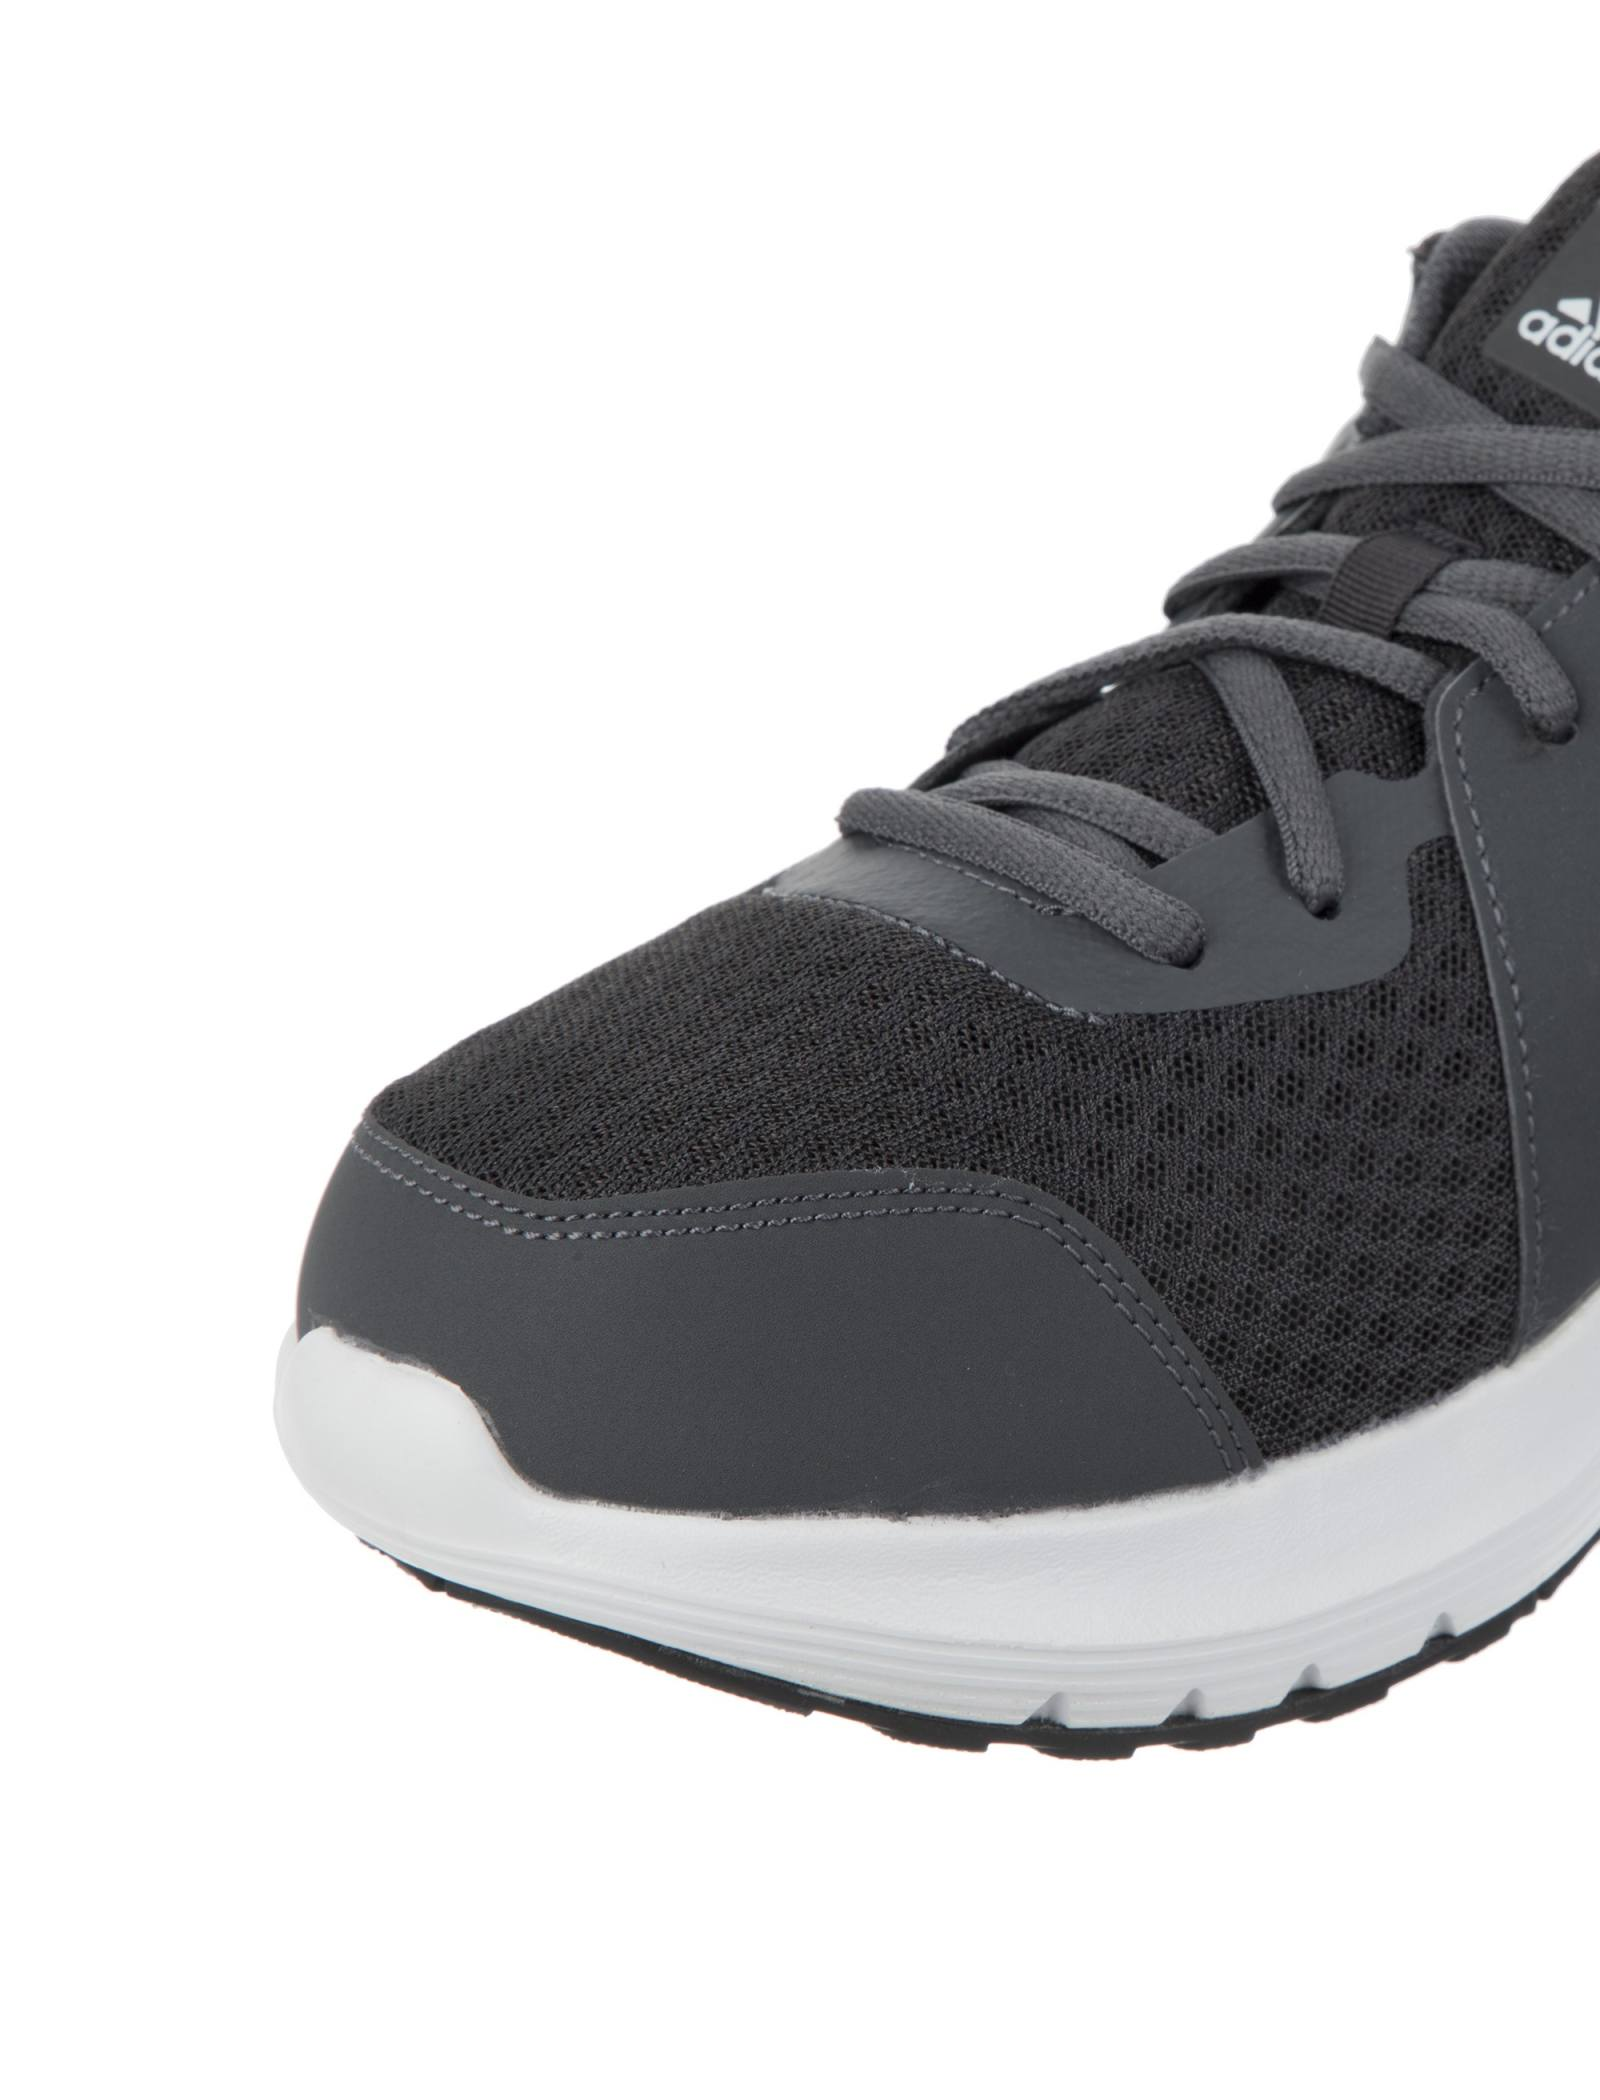 کفش دویدن بندی مردانه Galactic 2 - آدیداس - طوسي - 6